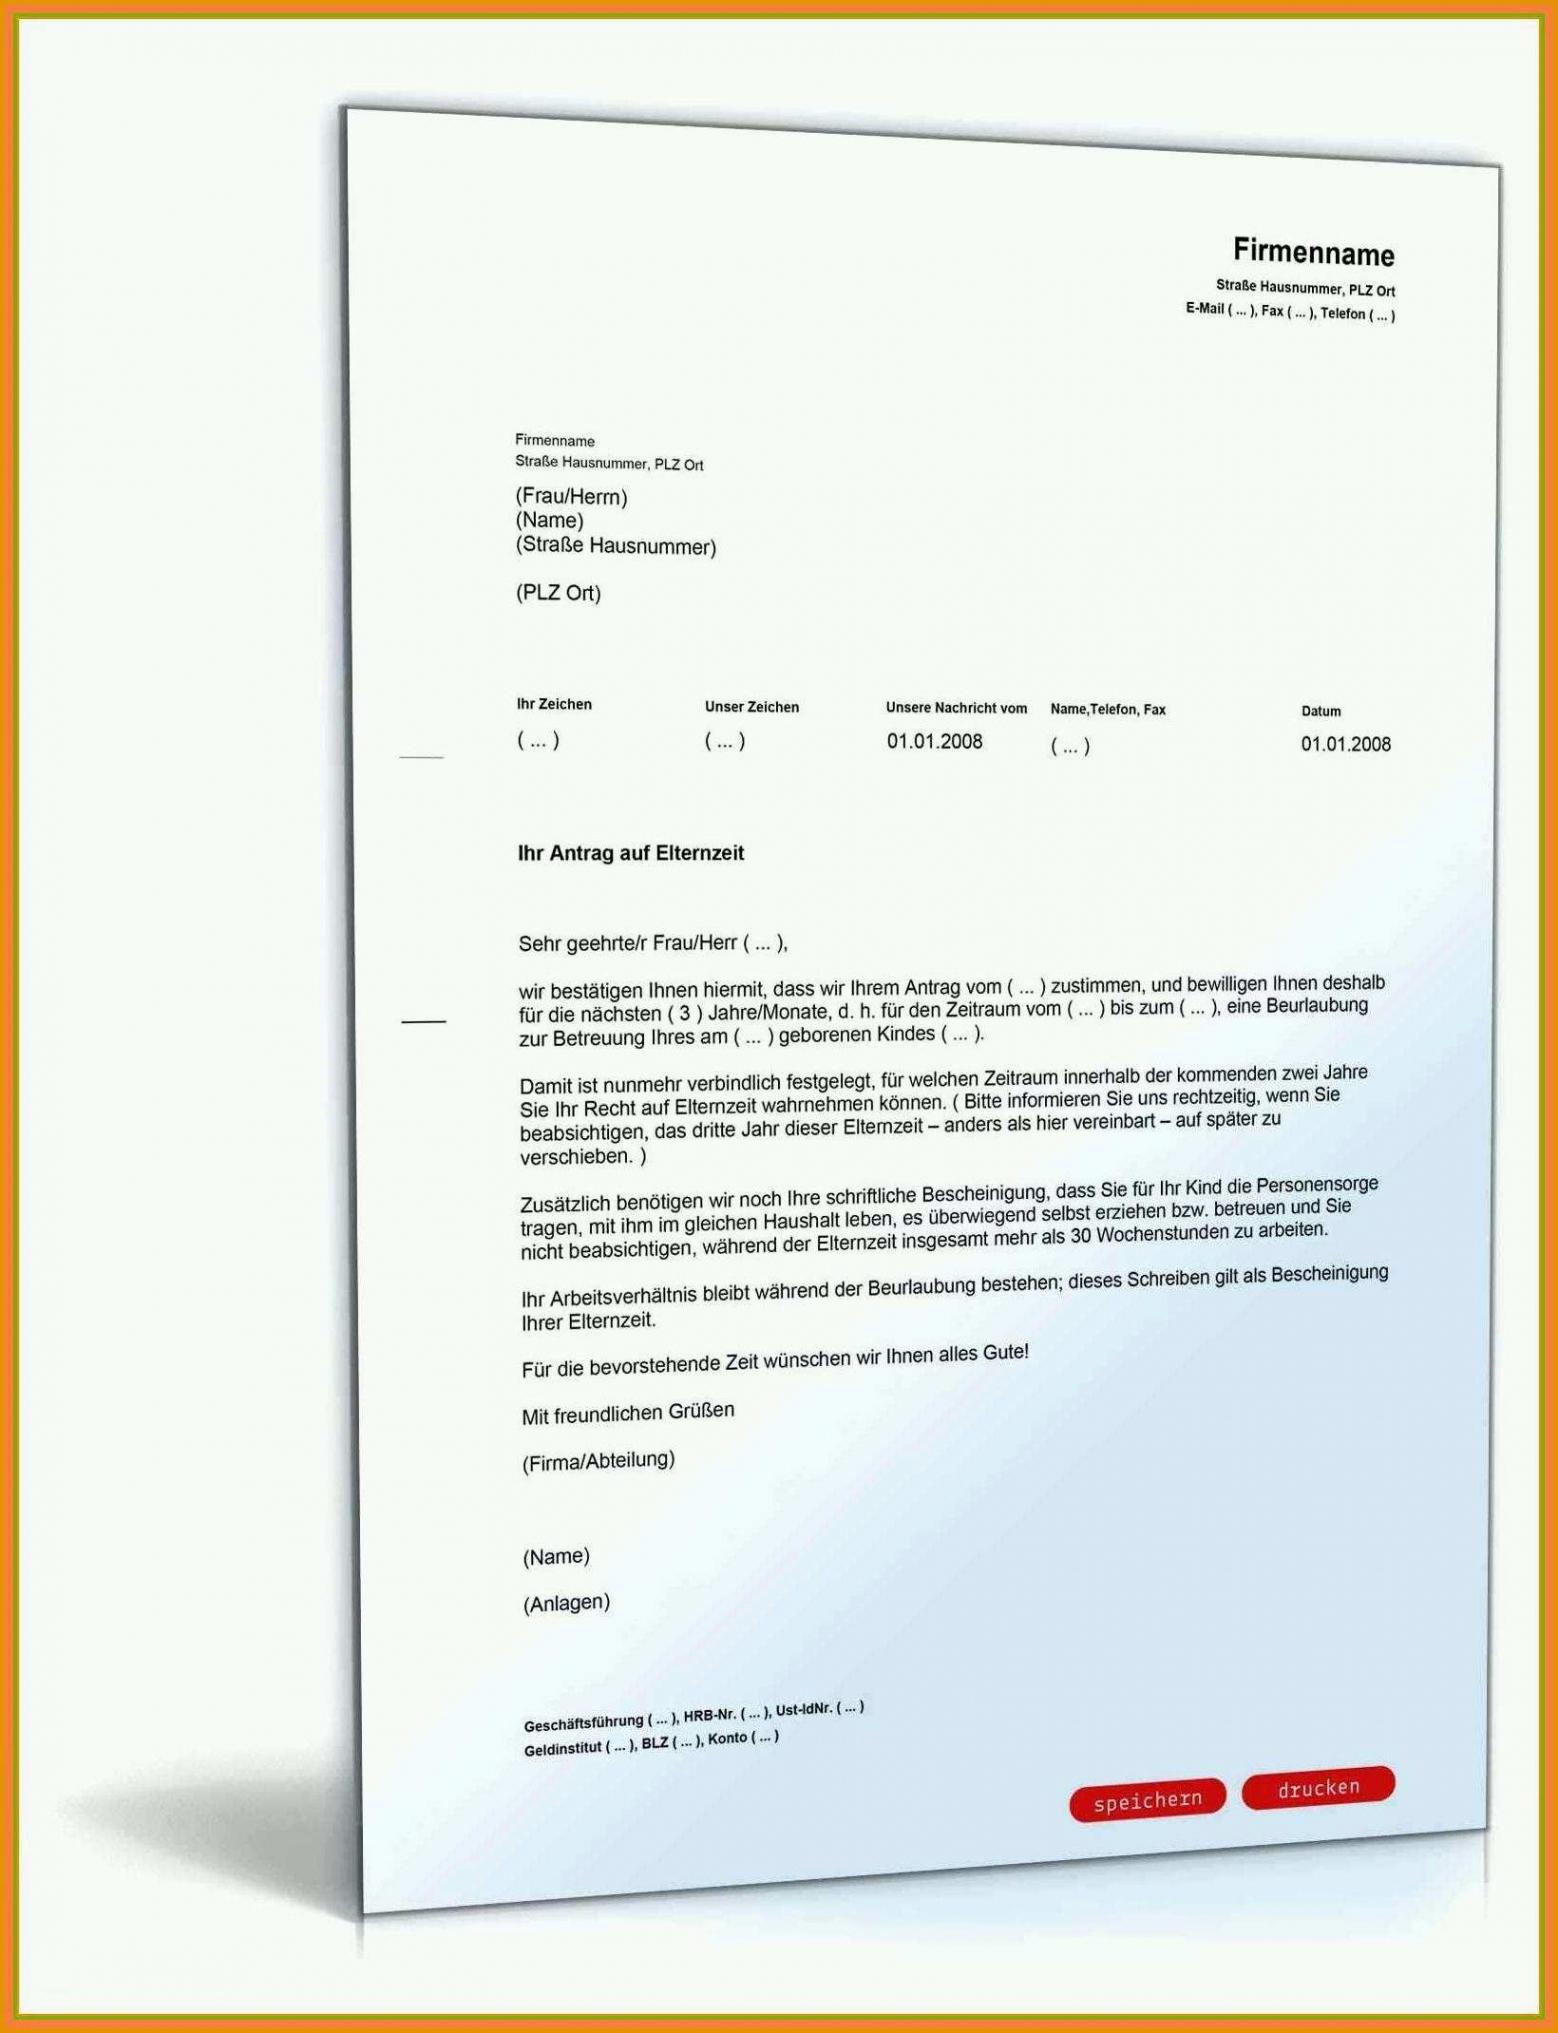 Sampler Antrag Teilzeit Nach Elternzeit Vorlage PDF Bearbeitbar